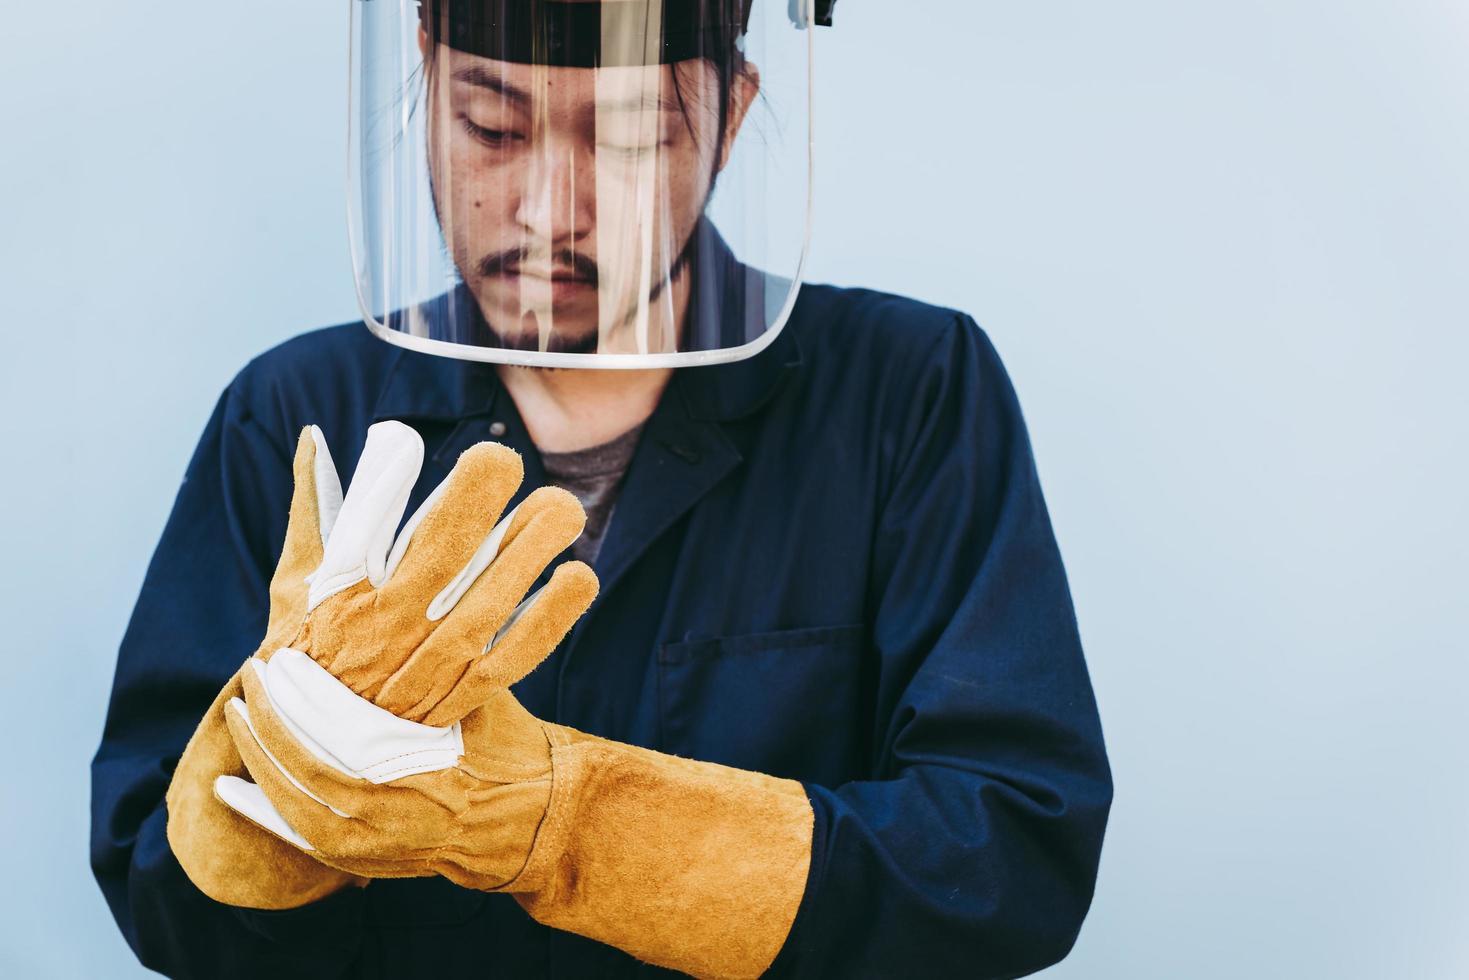 svetsarbetare bär personlig säkerhetsutrustning foto